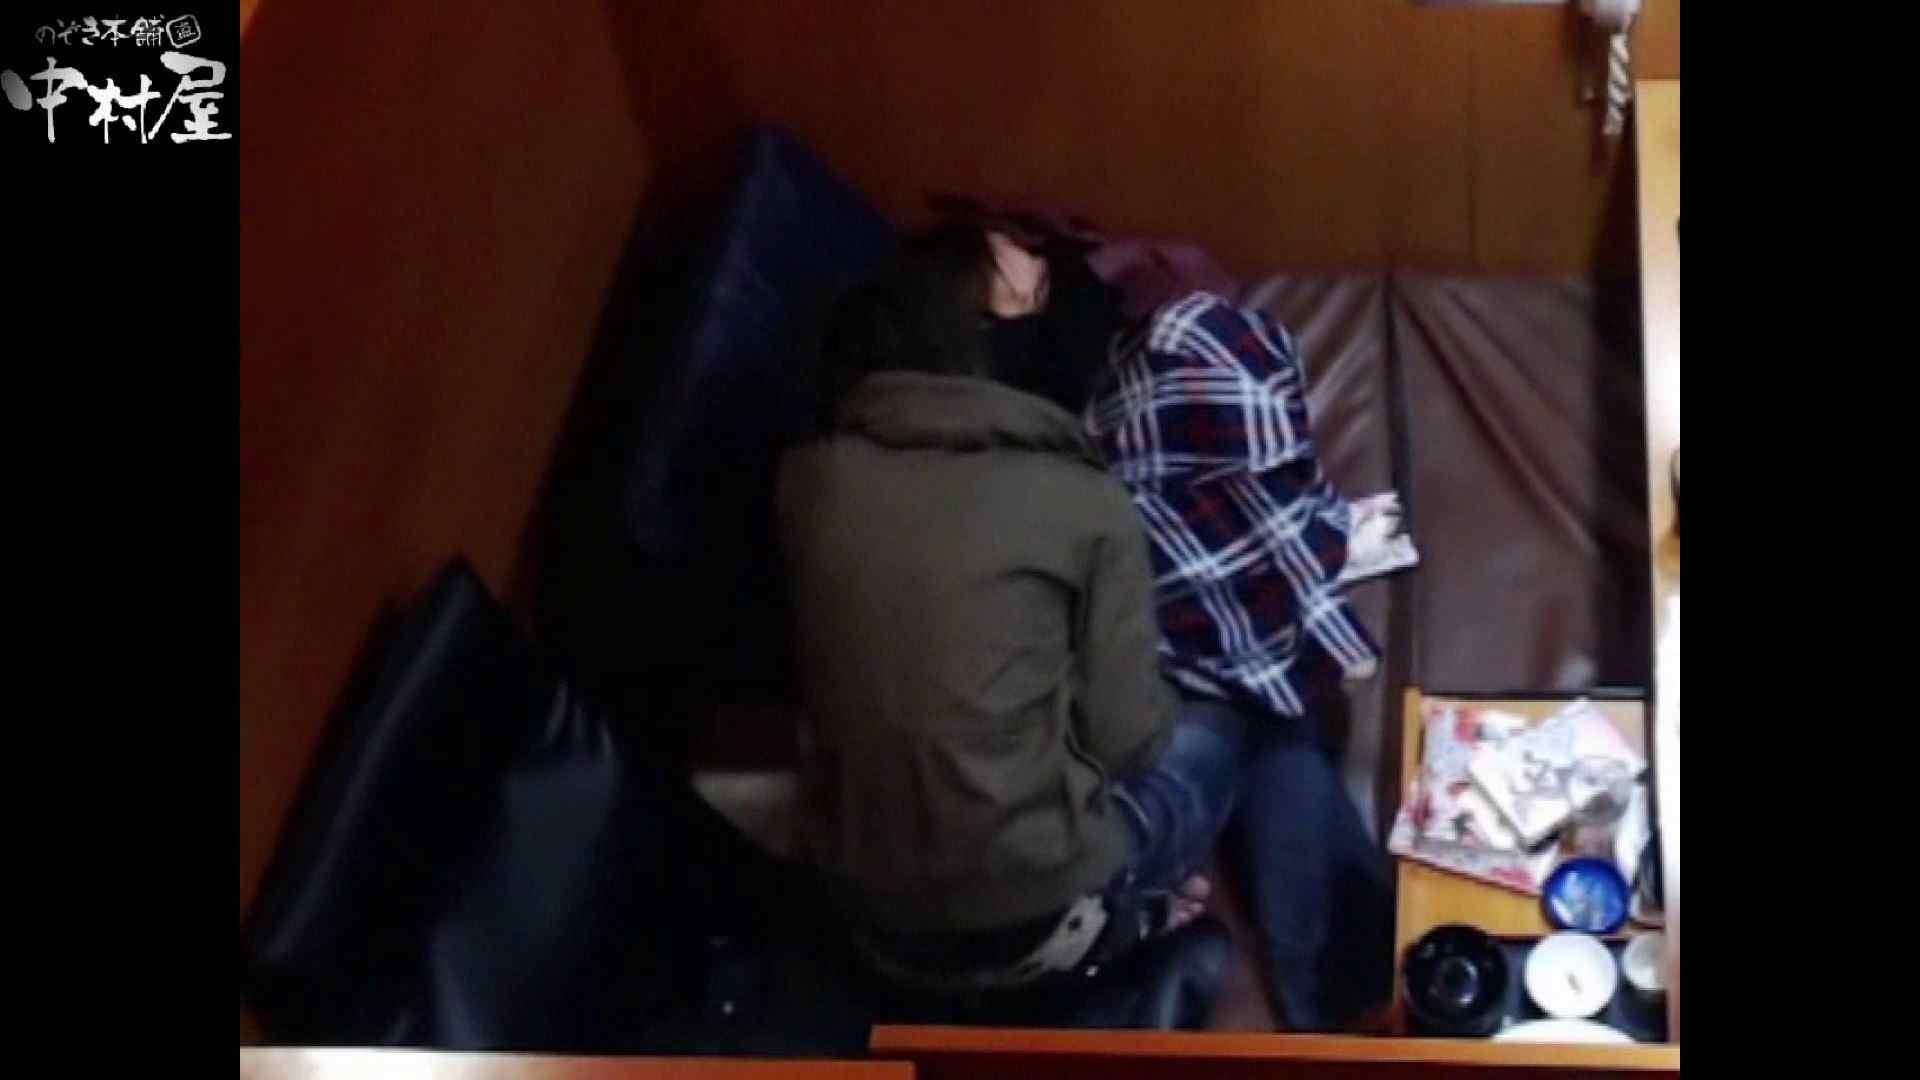 ネットカフェ盗撮師トロントさんの 素人カップル盗撮記vol.4 0   0  90pic 89